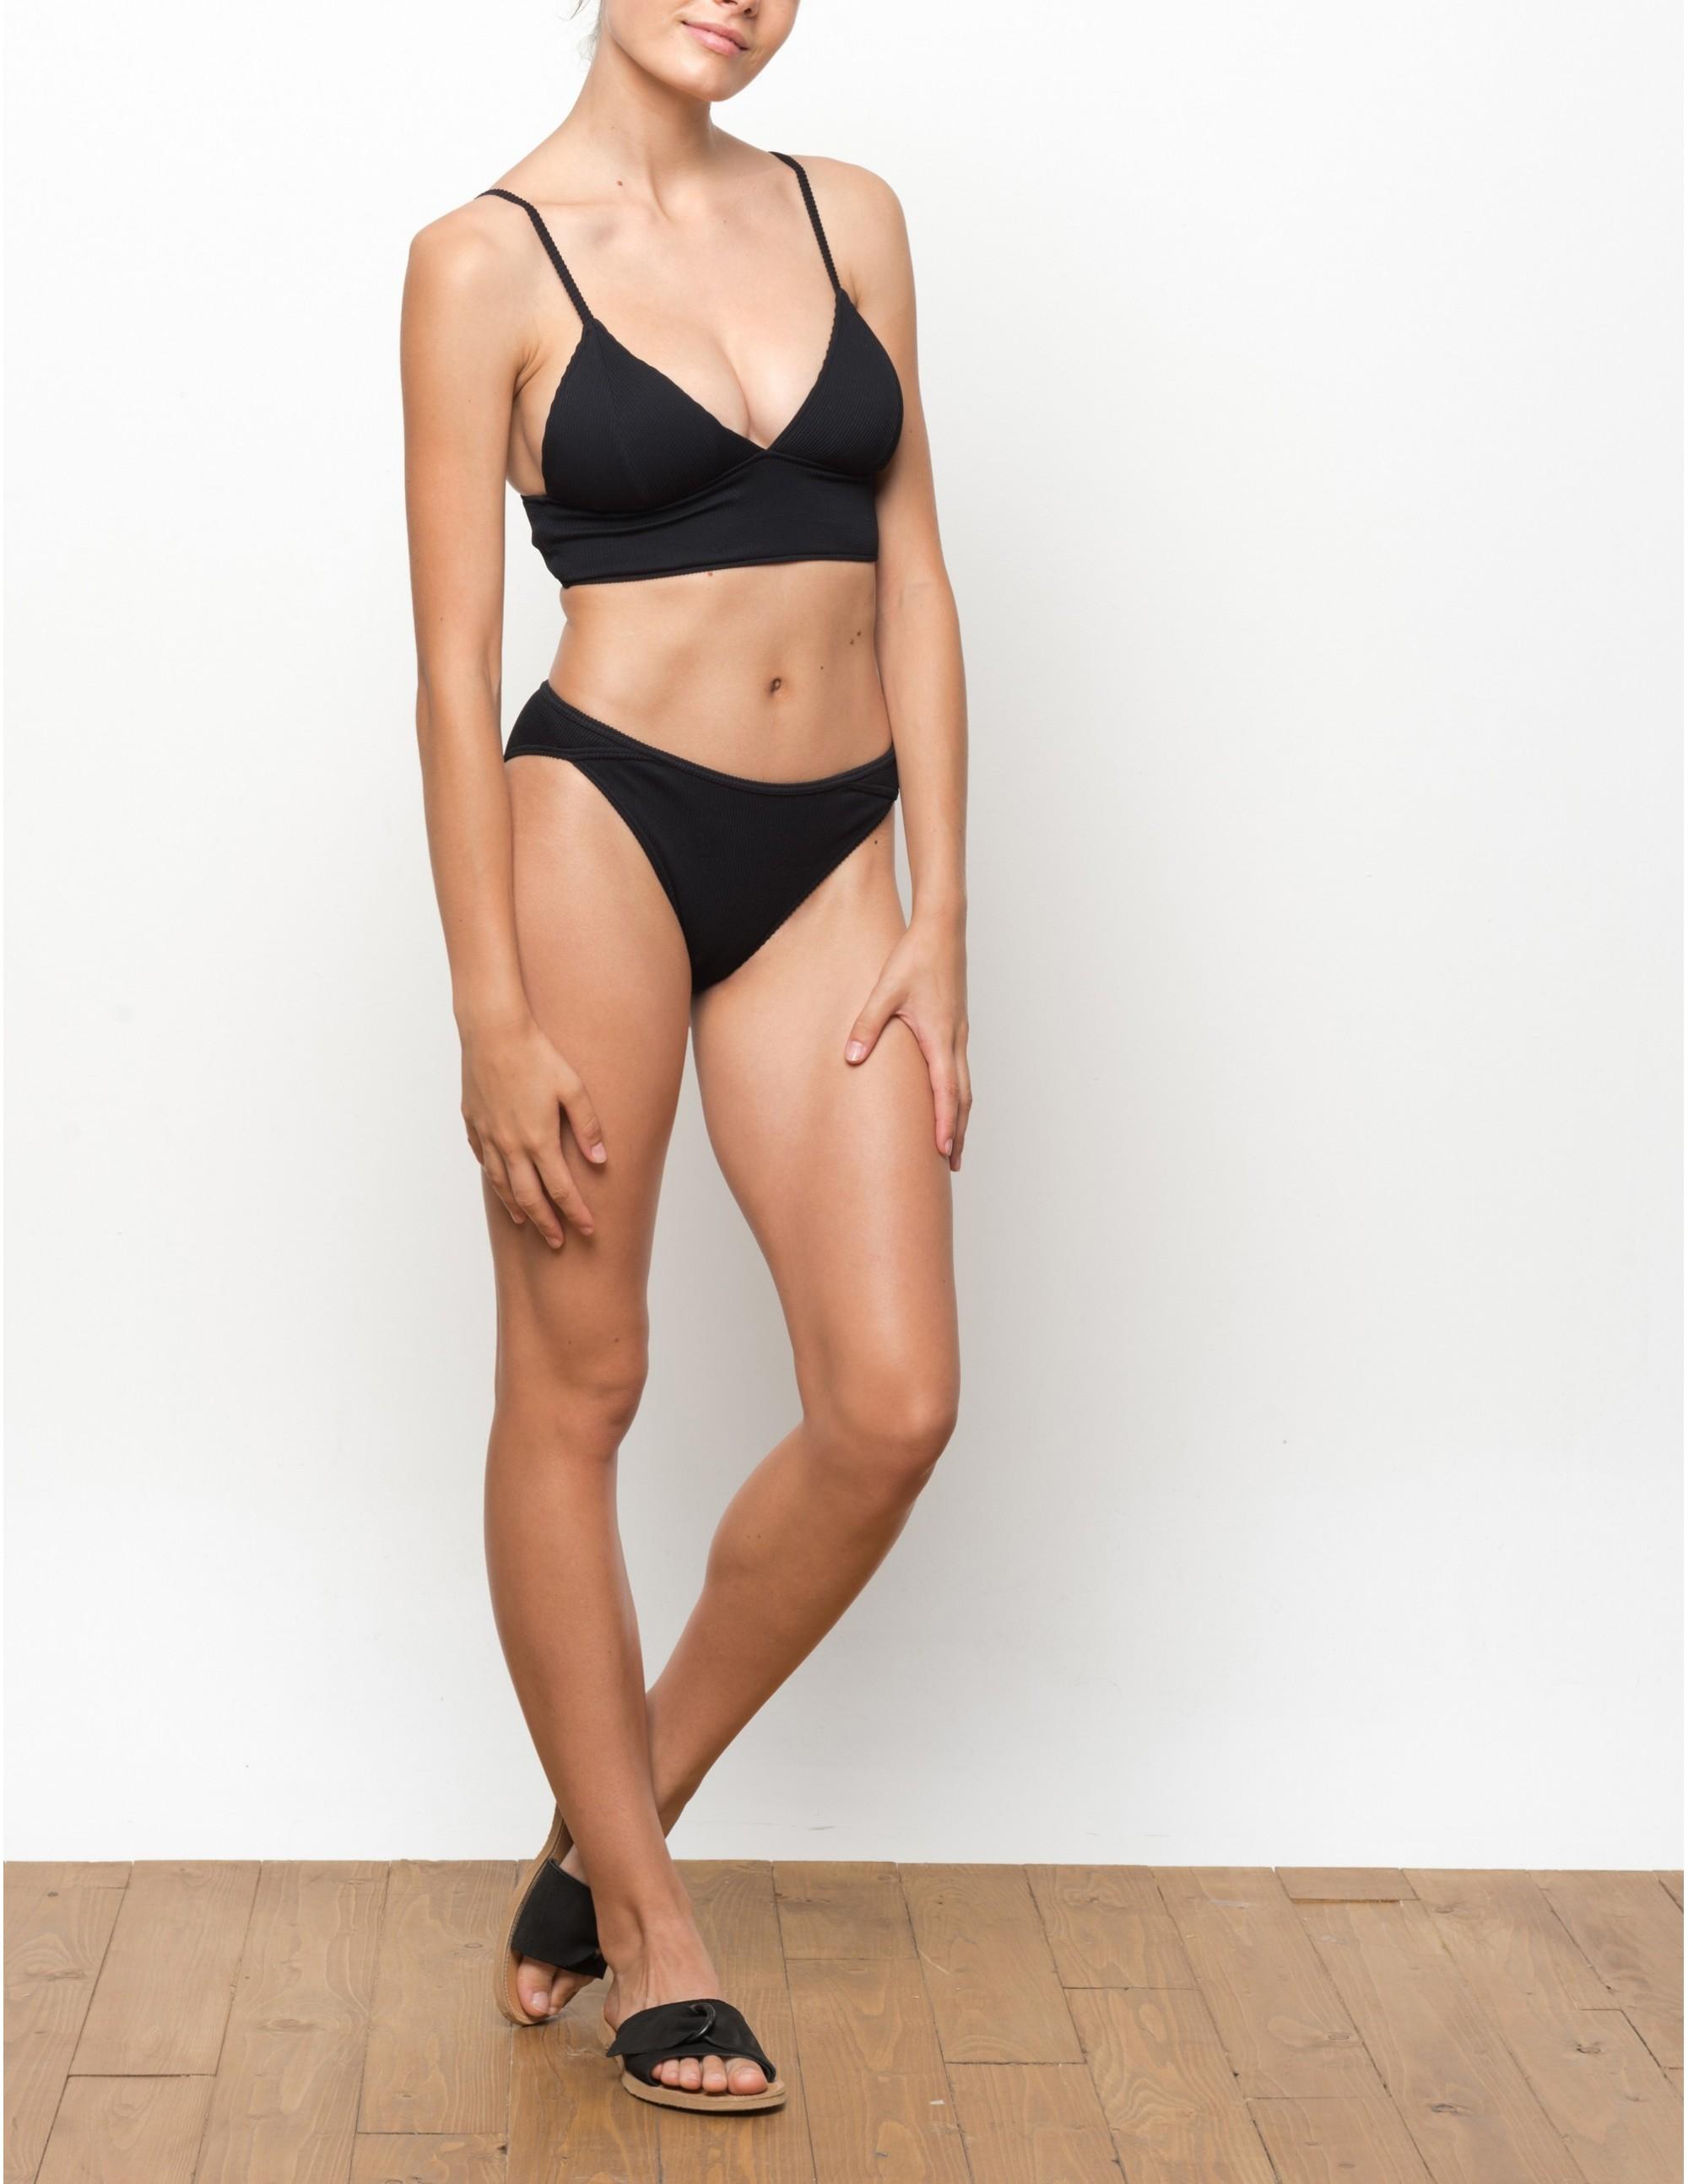 MAZIWI bikini top - PANTHER